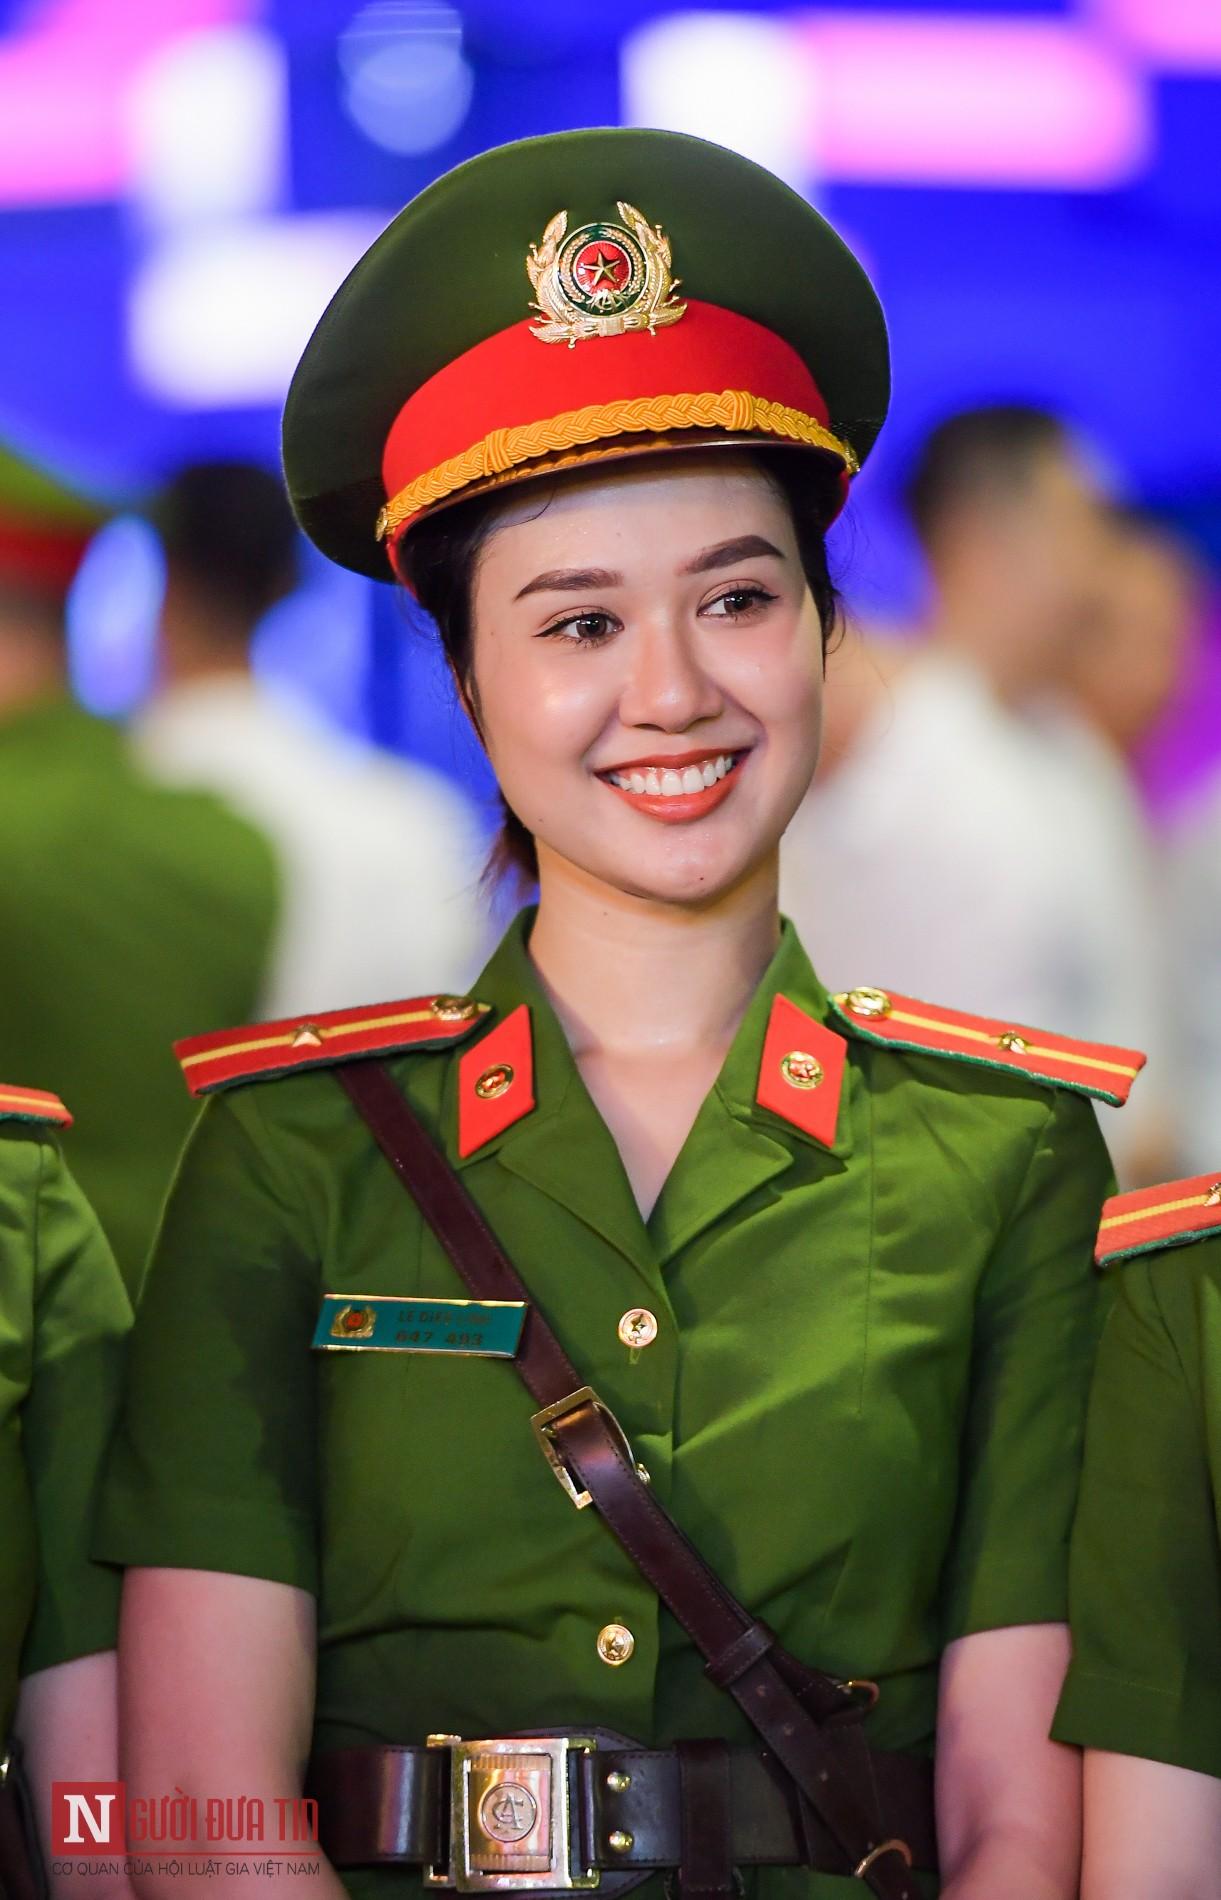 Hình ảnh nữ công an mặc đồng phục đẹp